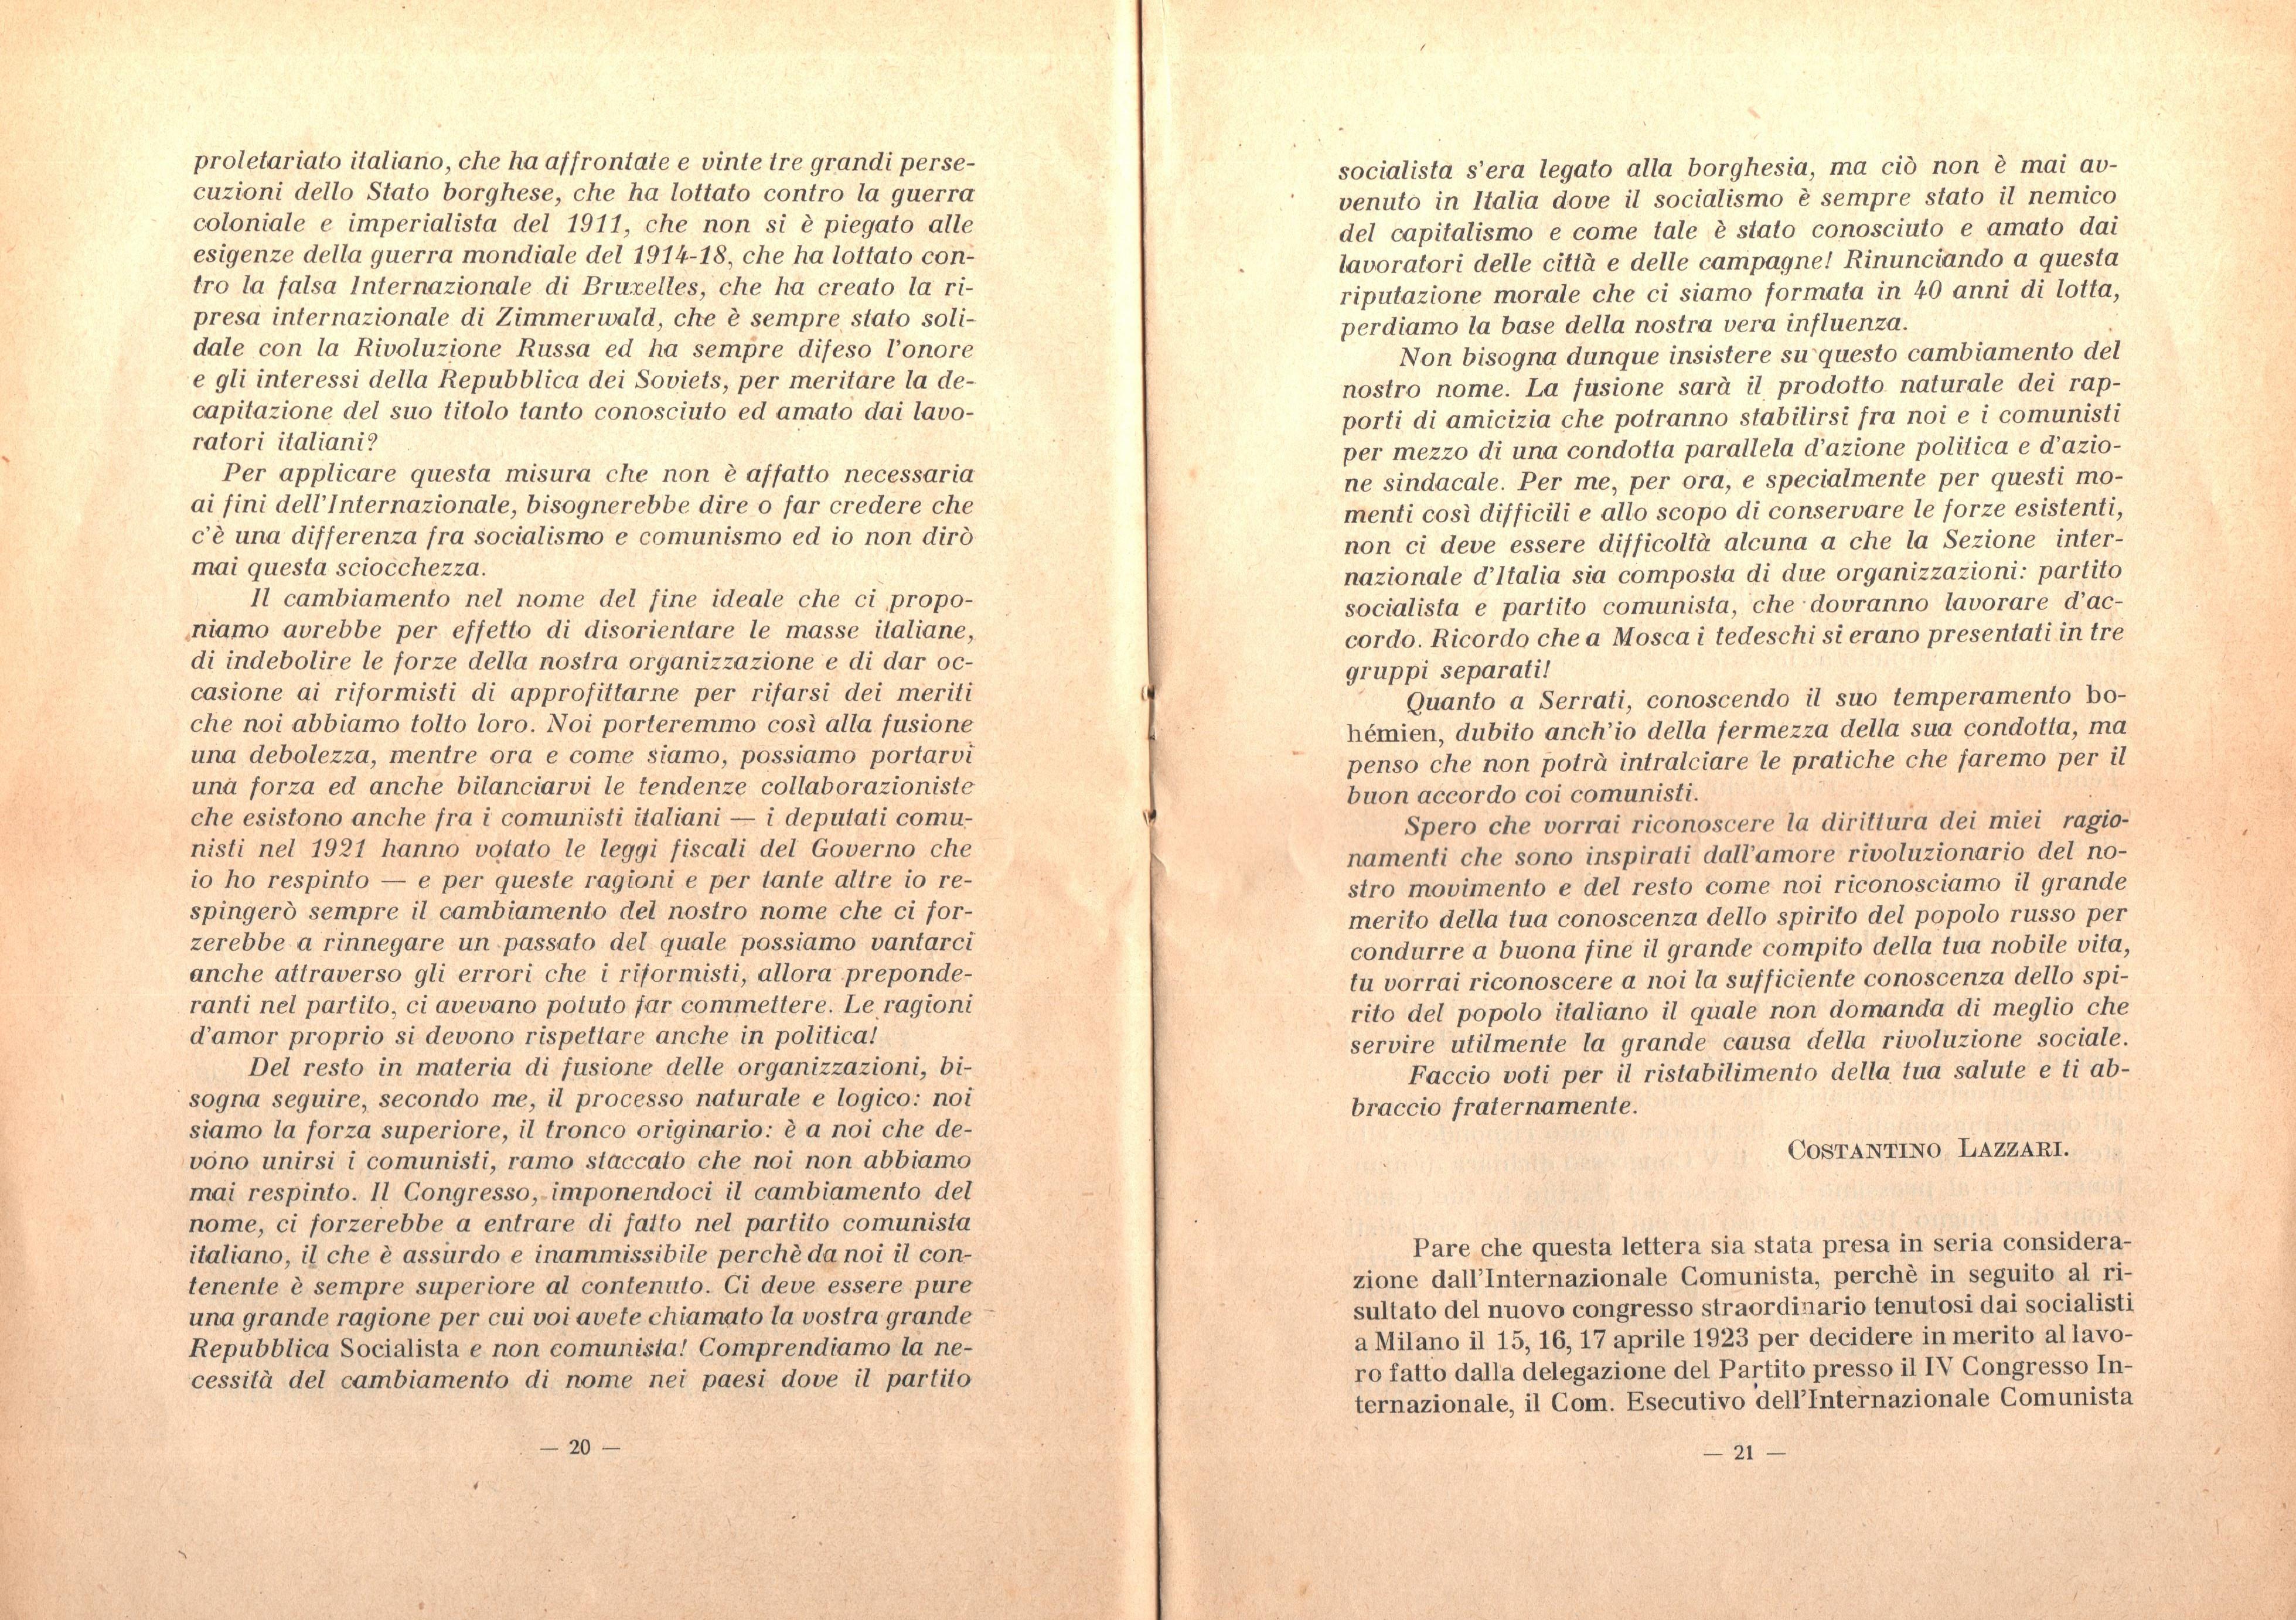 C. Lazzari, Il mio ultimo colloquio con Nicola Lenin - pag. 12